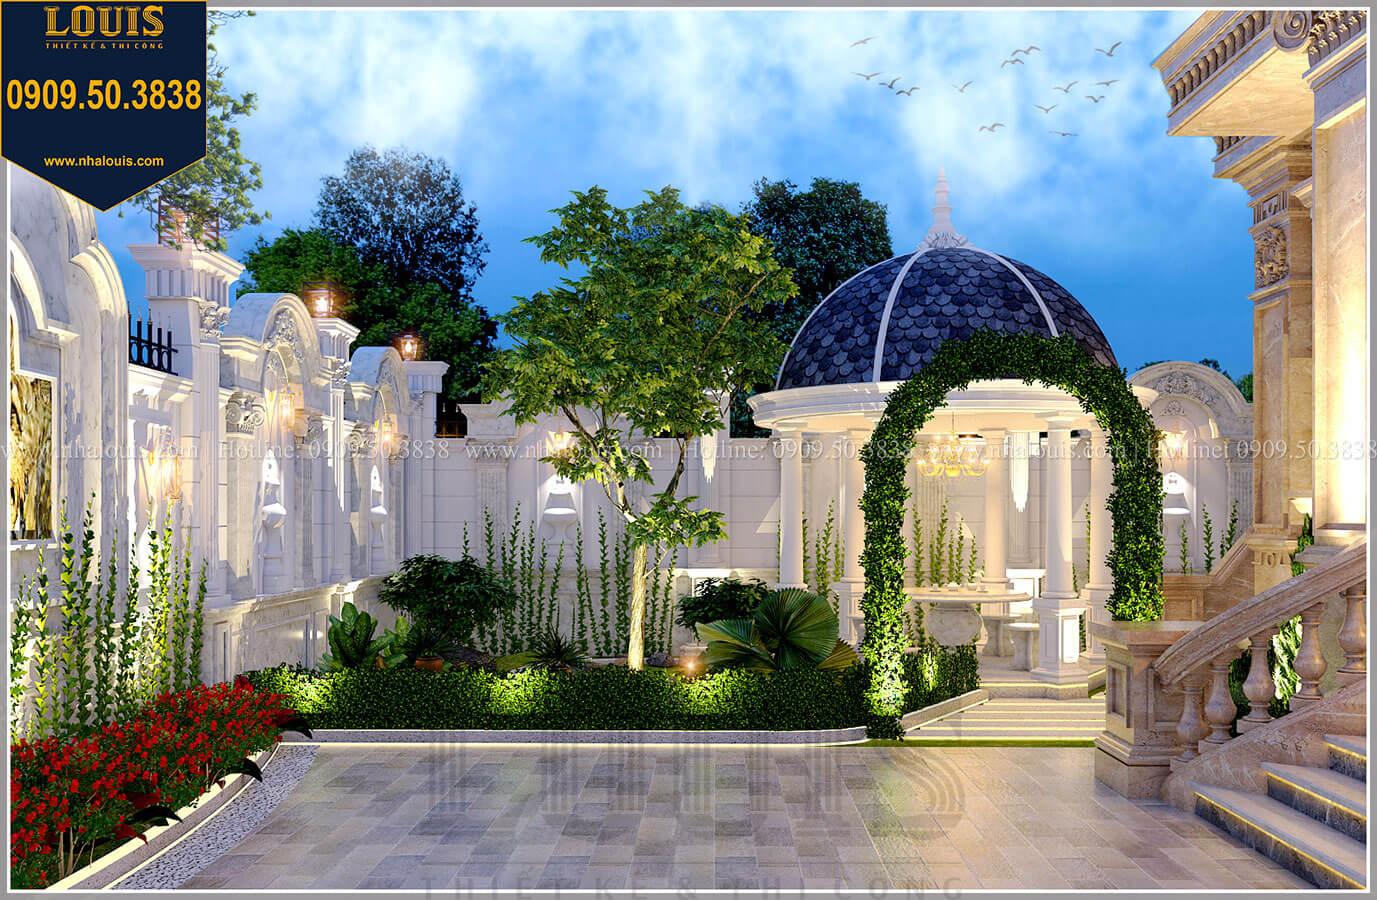 Sân vườn Mẫu biệt thự cổ điển 4 tầng phong cách vương giả tại Thủ Đức - 19